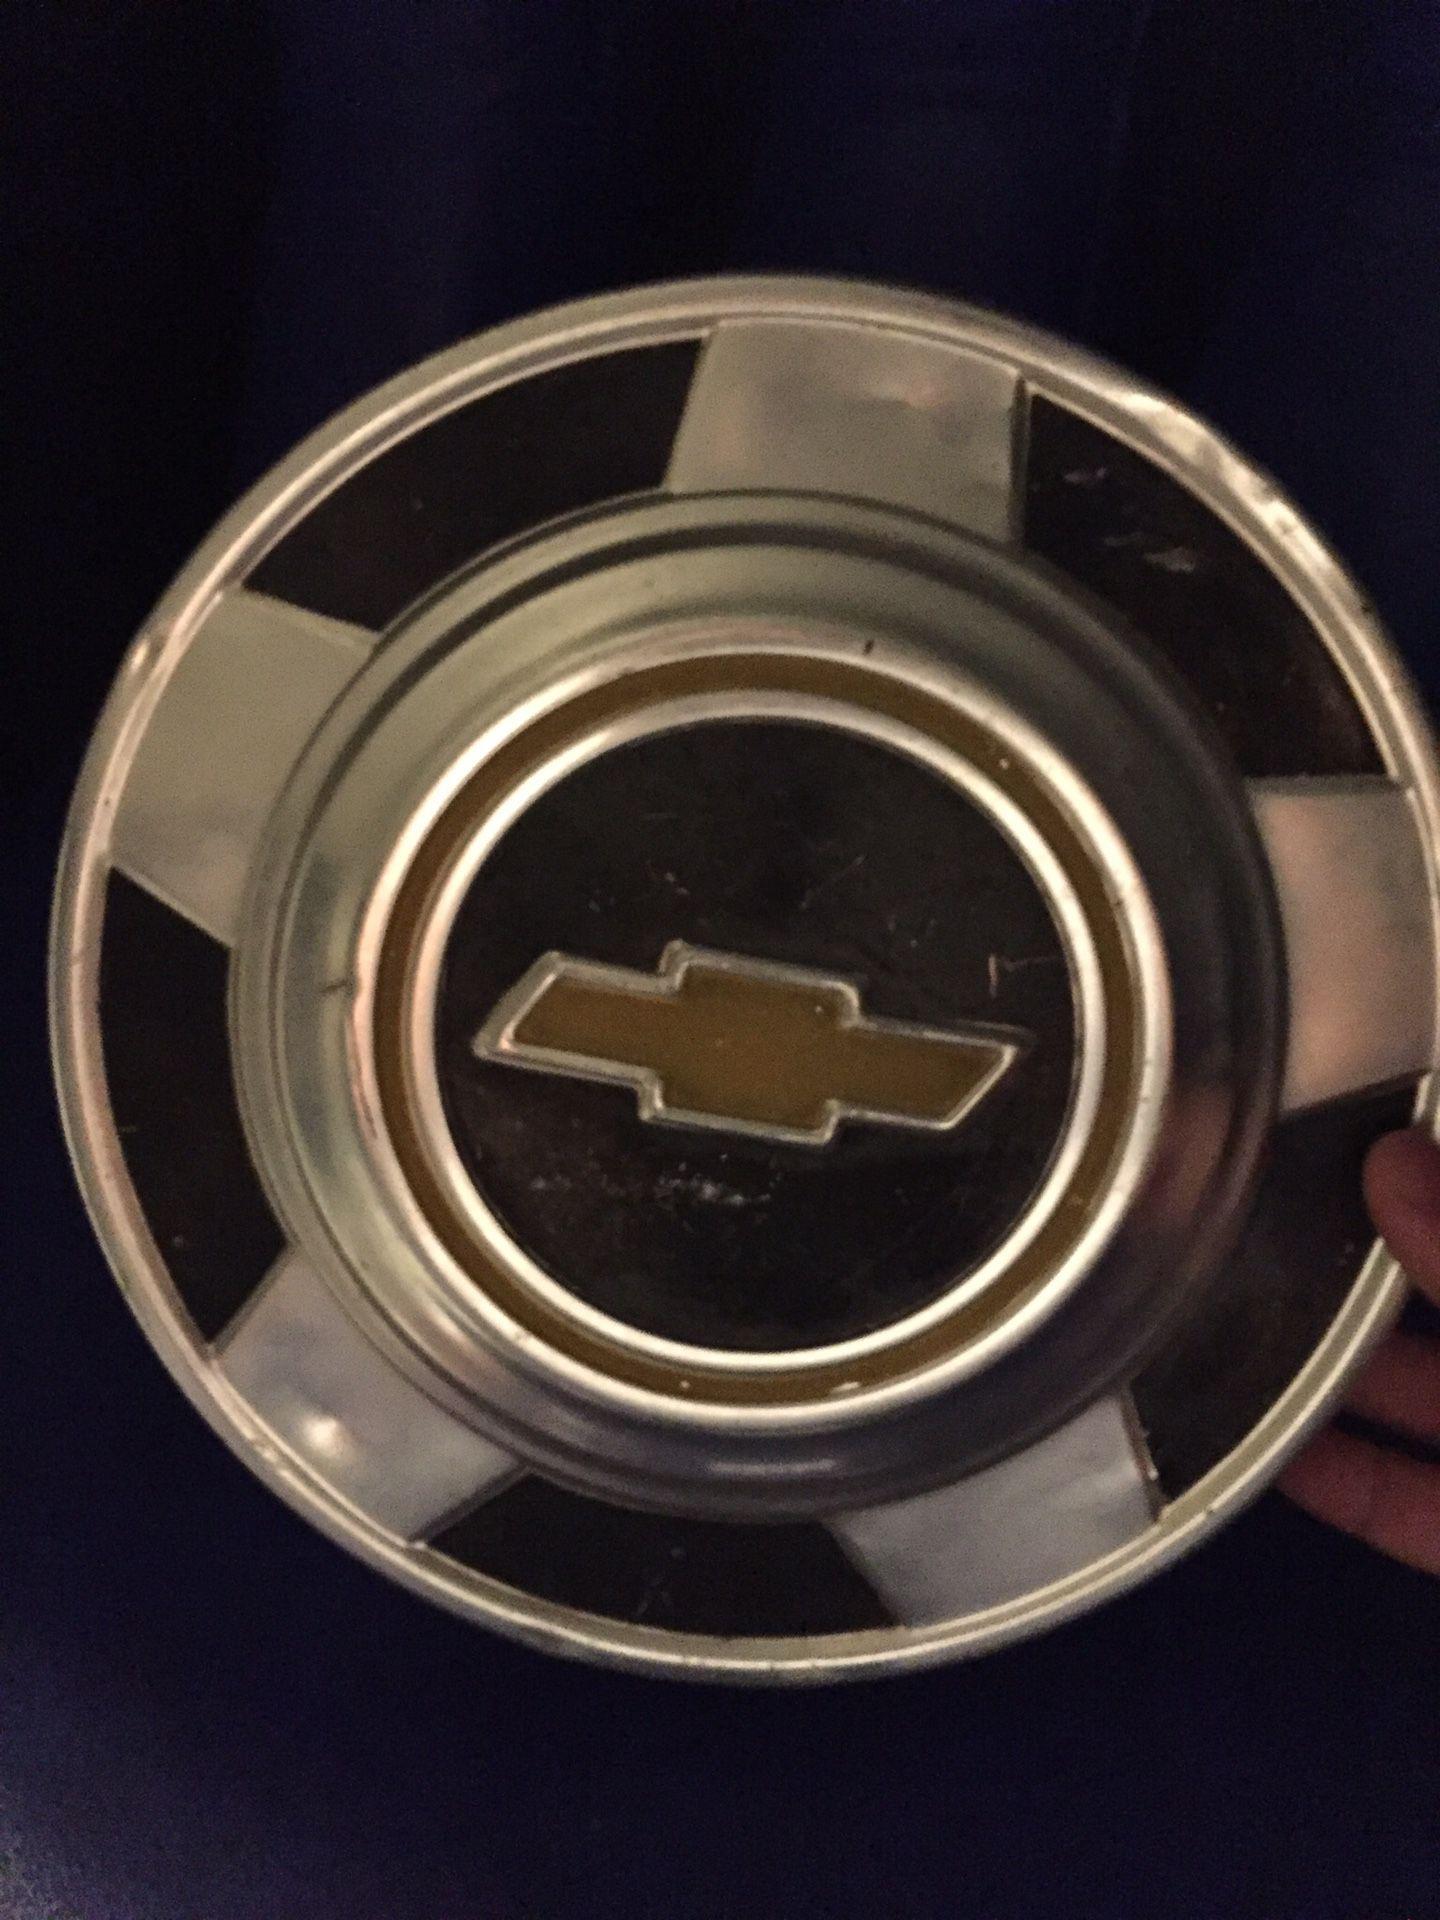 Chevy 5 star hub caps